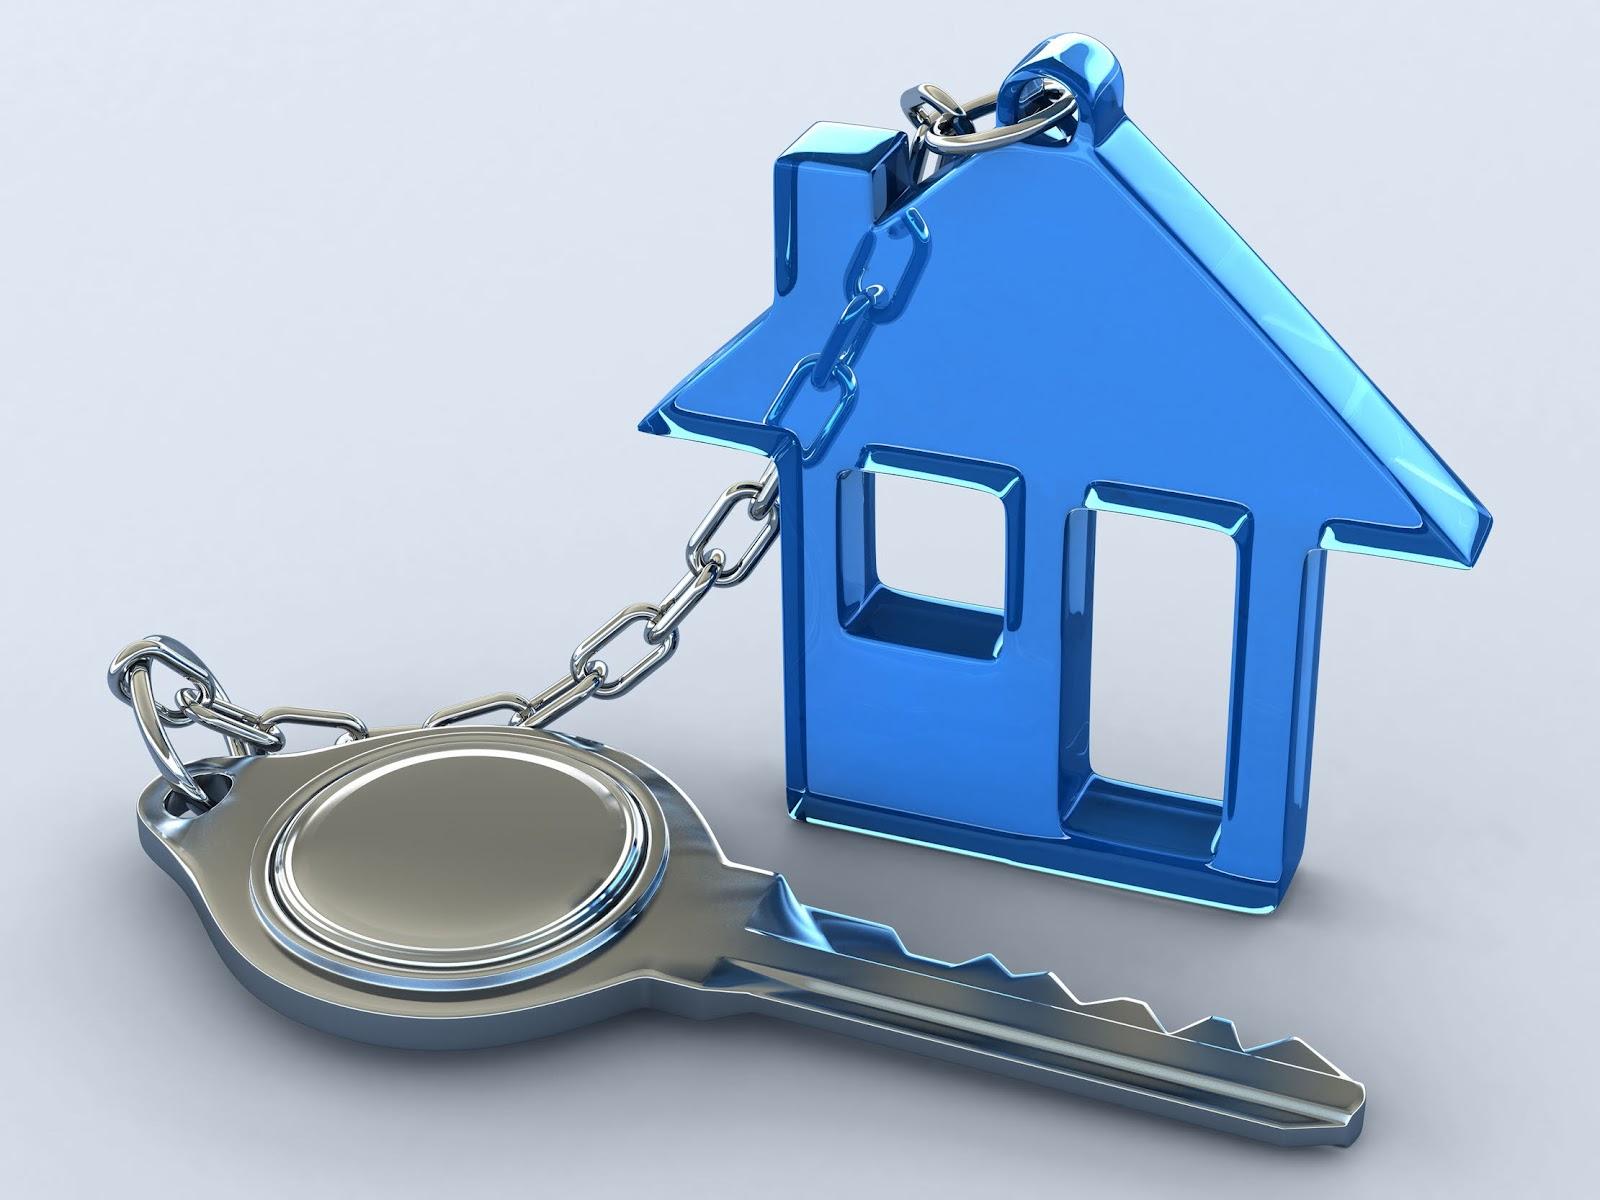 intereses de una hipoteca: